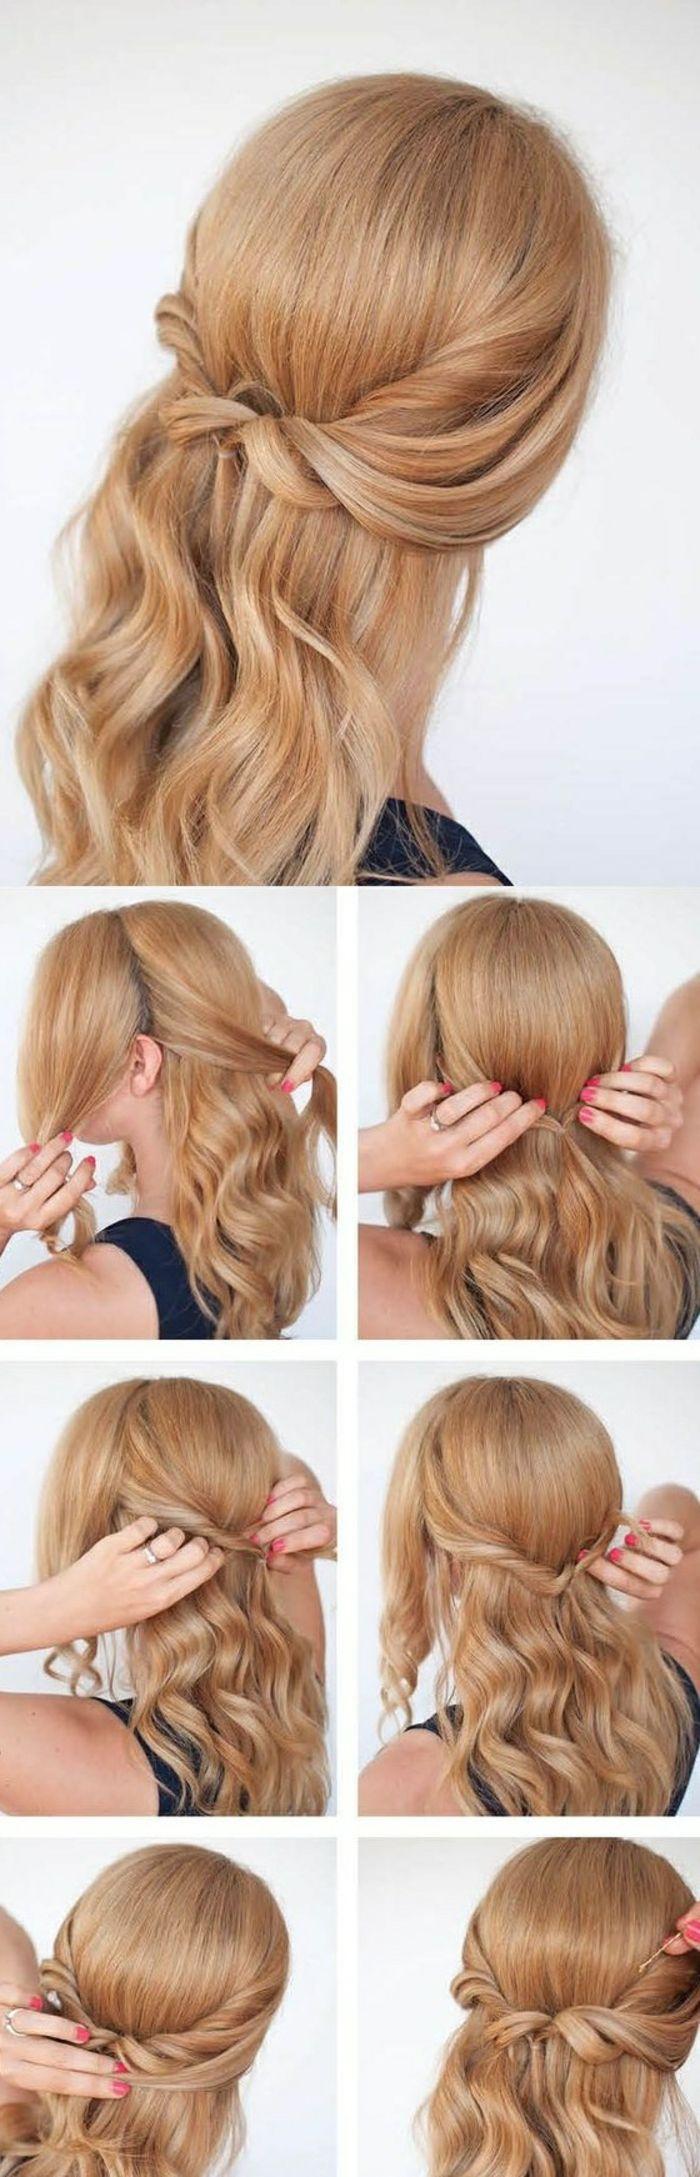 Die 25 besten ideen zu haarfrisuren selber machen auf pinterest